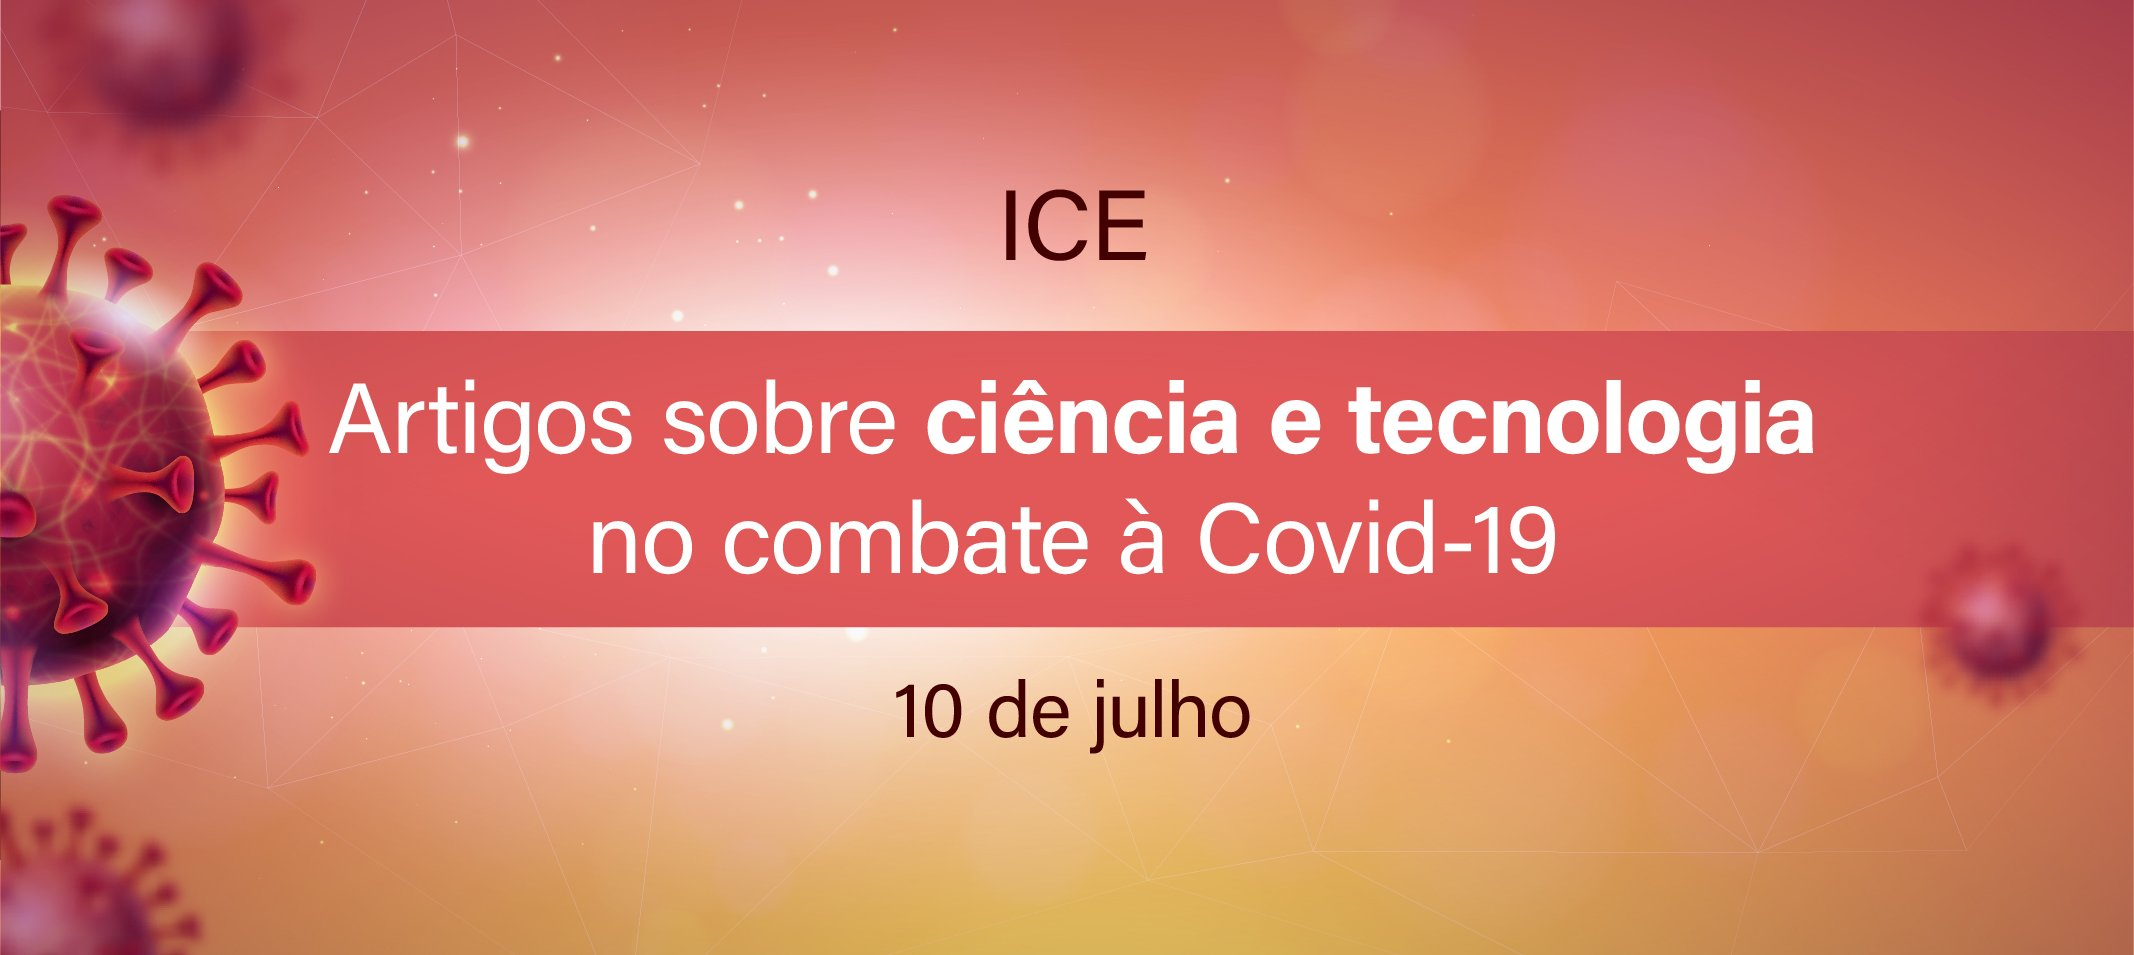 Professor do Instituto de Ciências Exatas (ICE) publica artigos sobre o papel da ciência no combate à pandemia da COVID-19